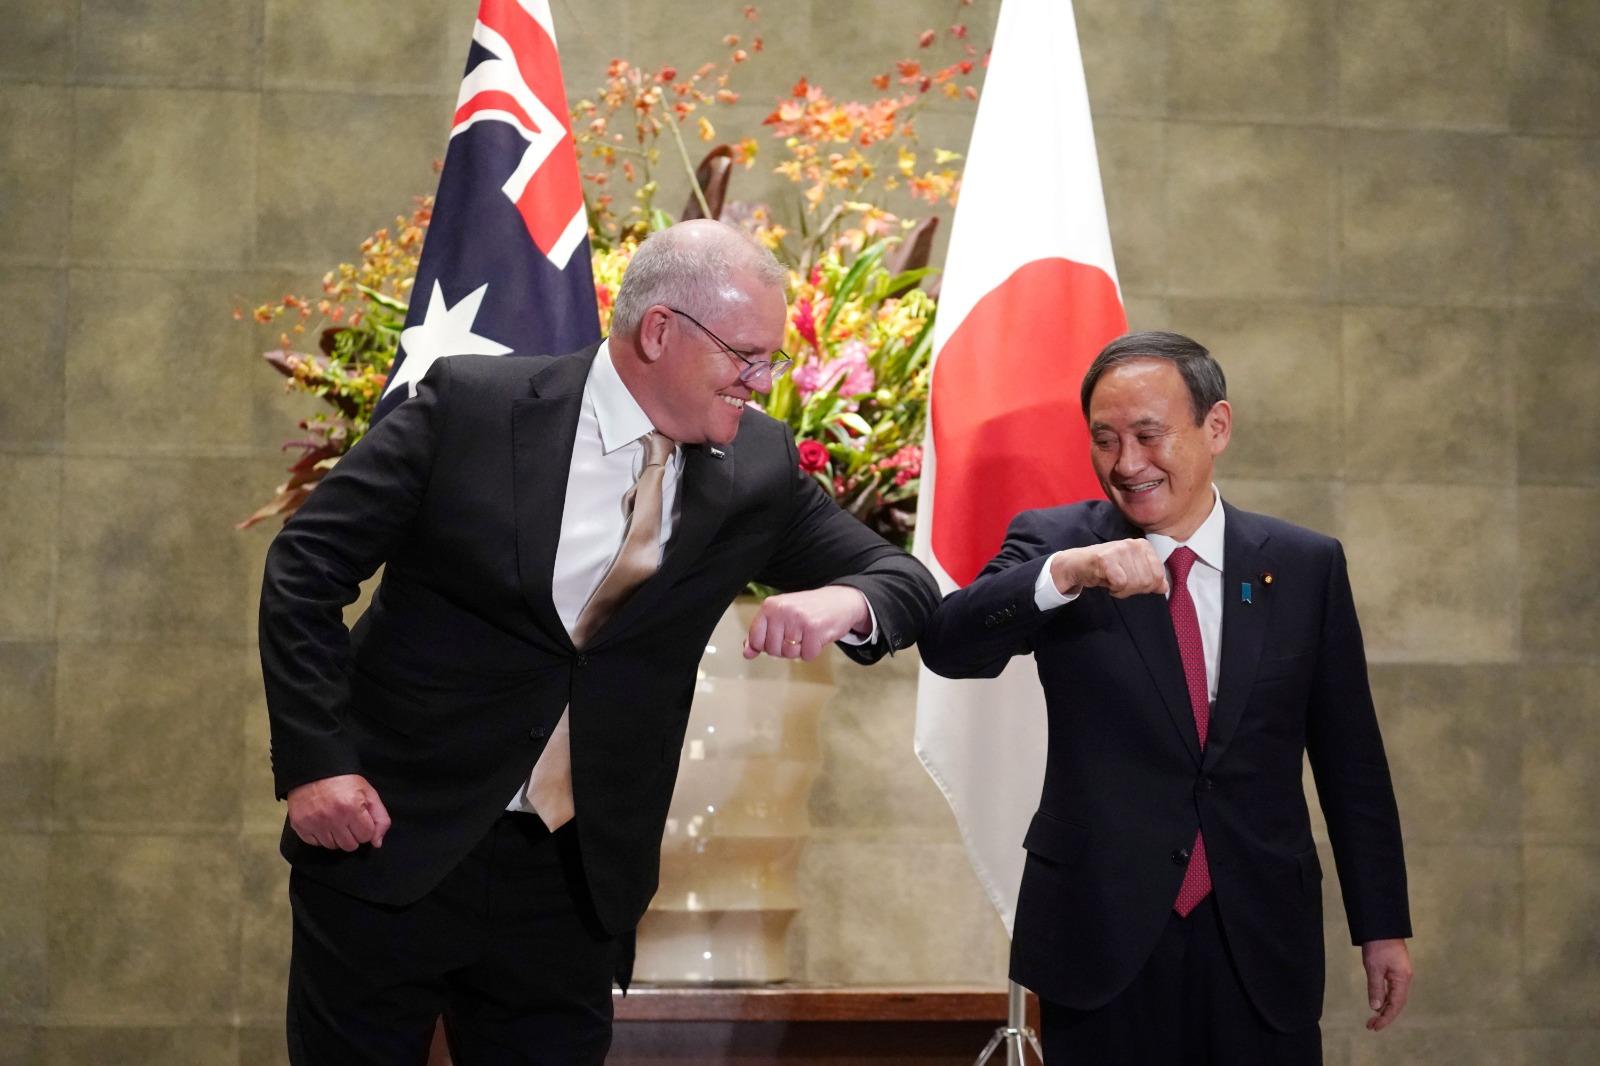 澳洲總理莫里森和日本首相菅義偉於本周二在東京會面,雙方討論旅遊、經濟與軍事合作。(Photo by EUGENE HOSHIKO/POOL/AFP via Getty Images)